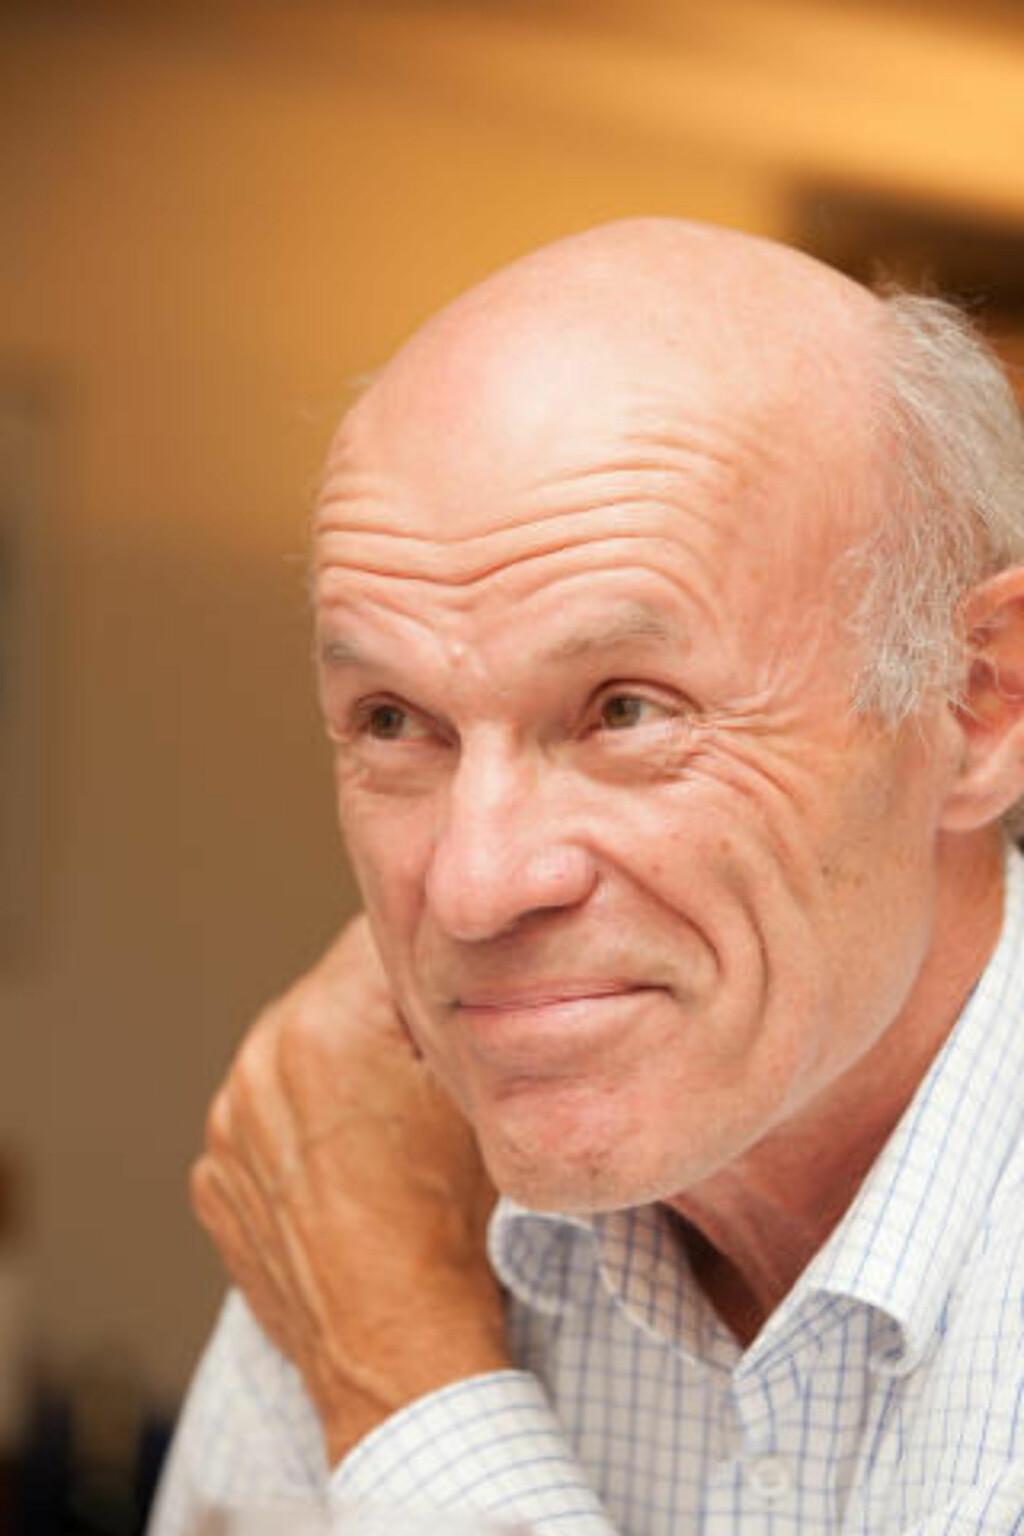 SENSURERT: Arvid Ystad har fortalt om frimurernes opptaksritualer i sin bok. Det blir ikke tatt godt opp. Foto: Erik Bergersen / Pax forlag